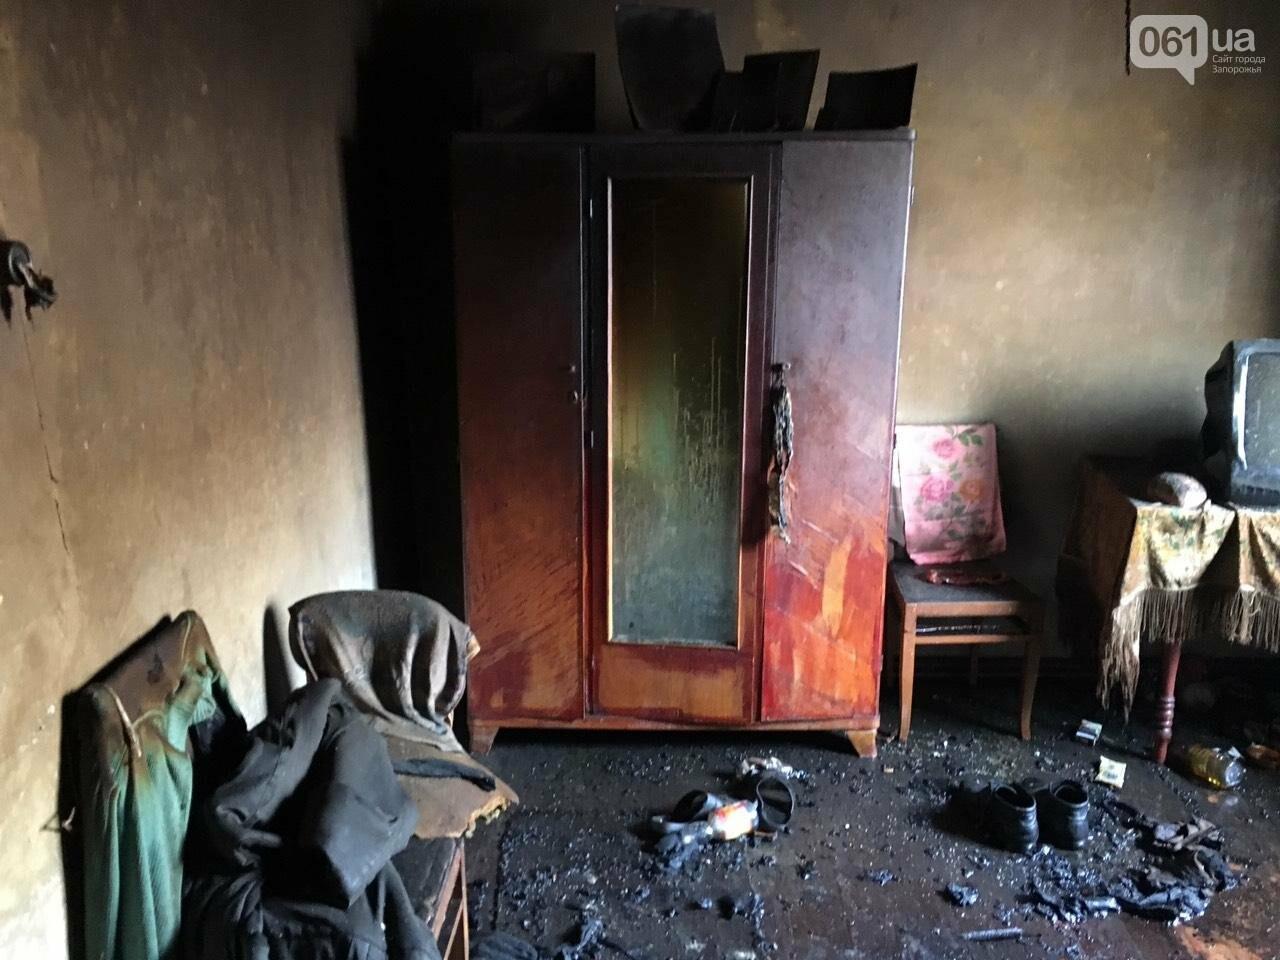 Под Запорожьем на пожаре погиб хозяин дома, - ФОТО, фото-2